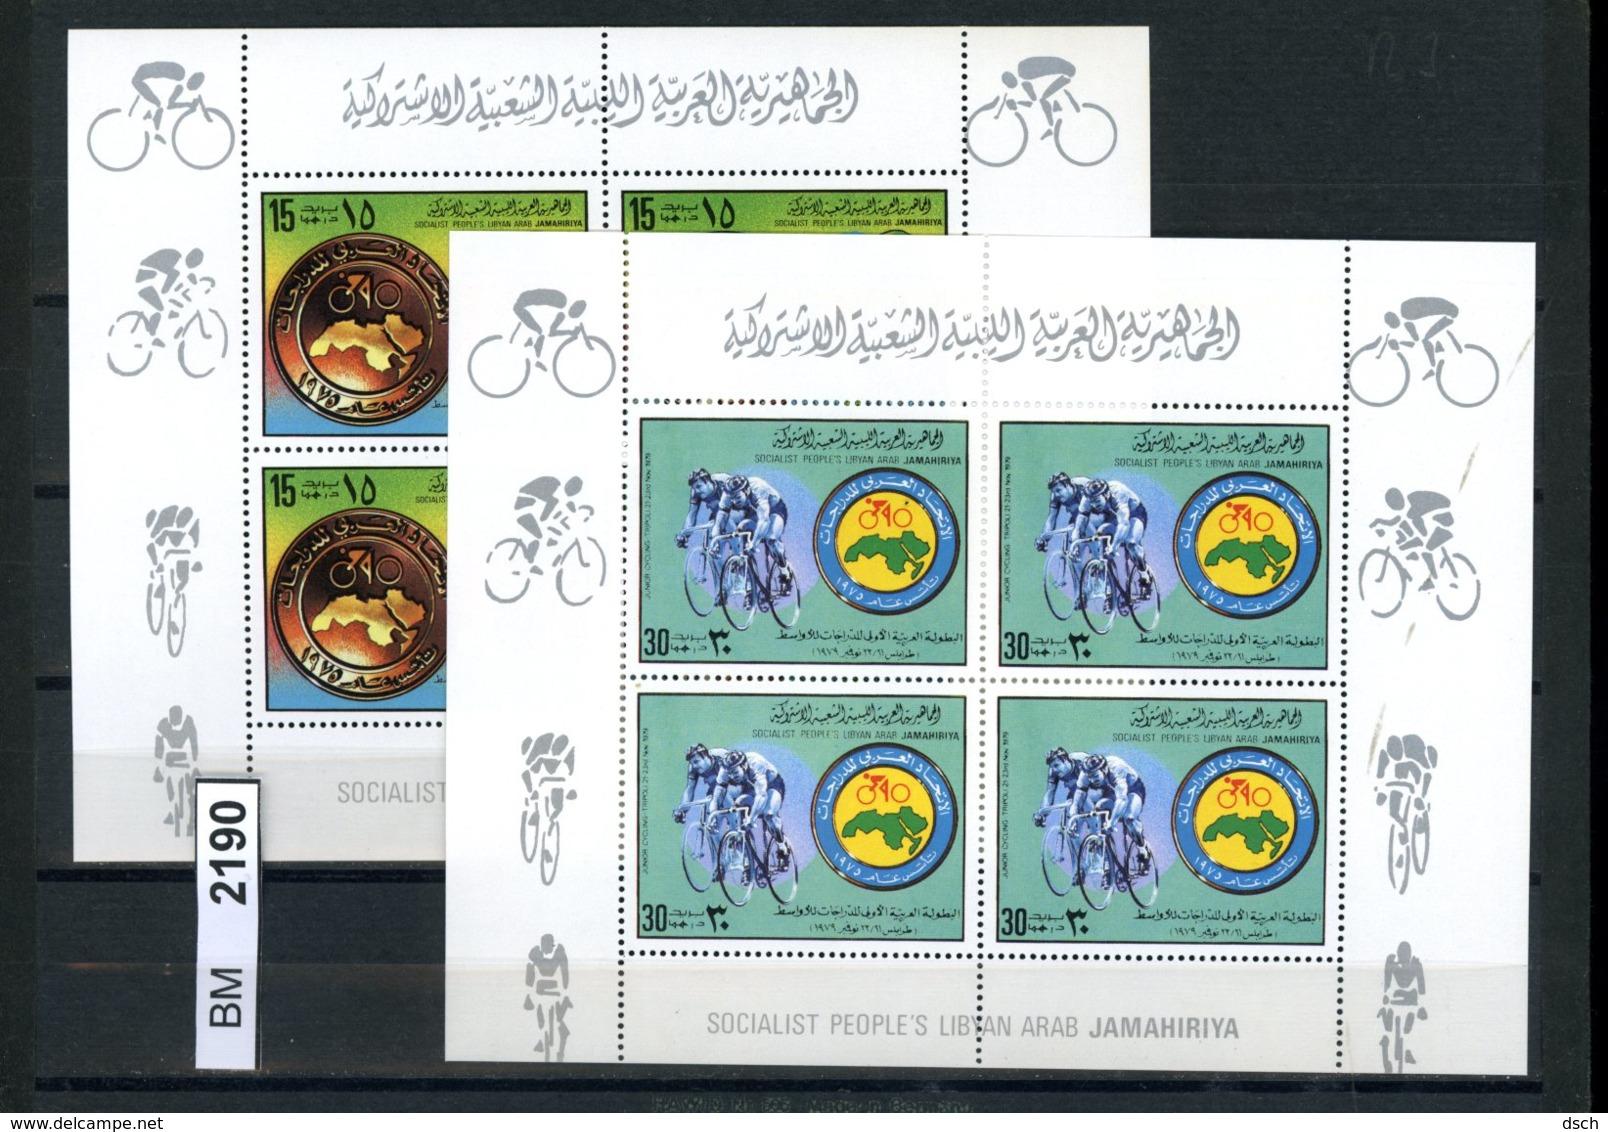 BM2190, Libyen, 1979, Xx, Kleinbogensatz 765, 766 - Libyen